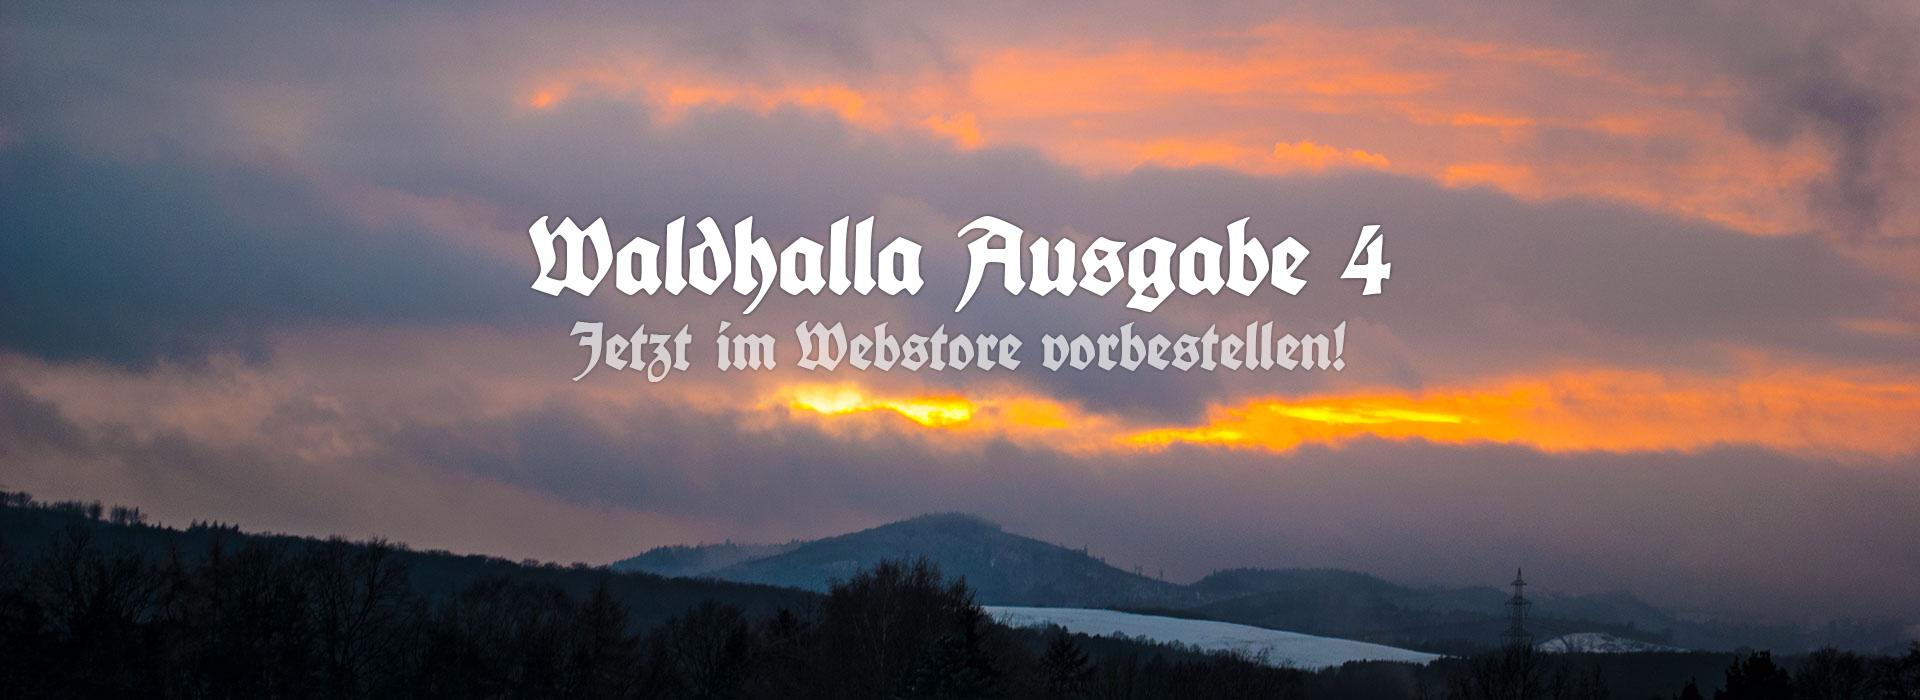 Waldhalla Ausgabe #4 Pre-Order